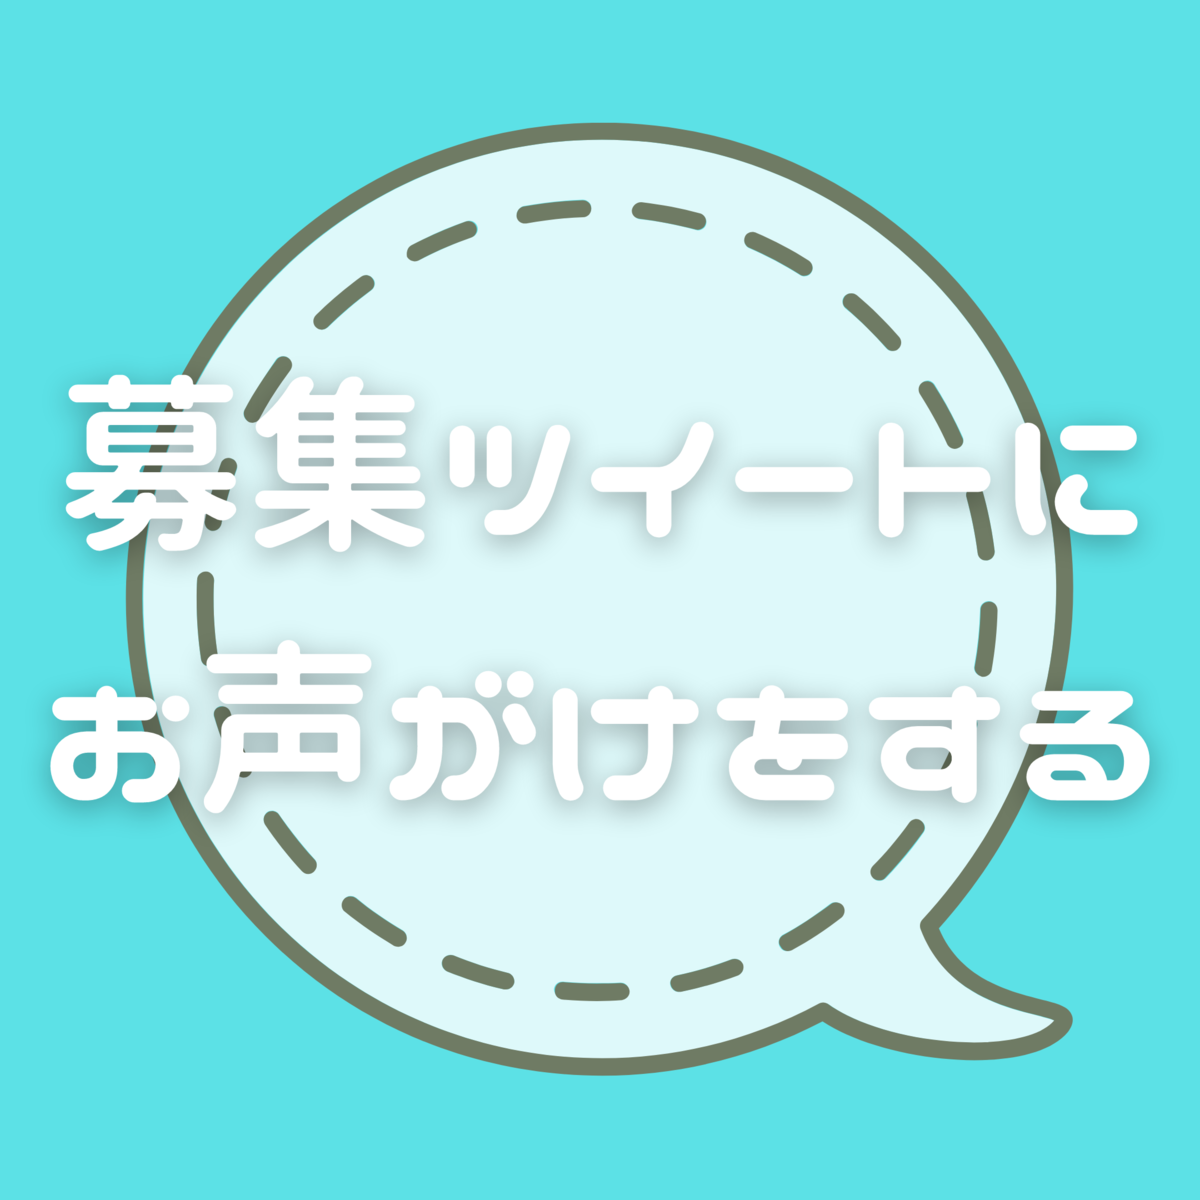 f:id:blue_otorihiki:20200714185608p:plain